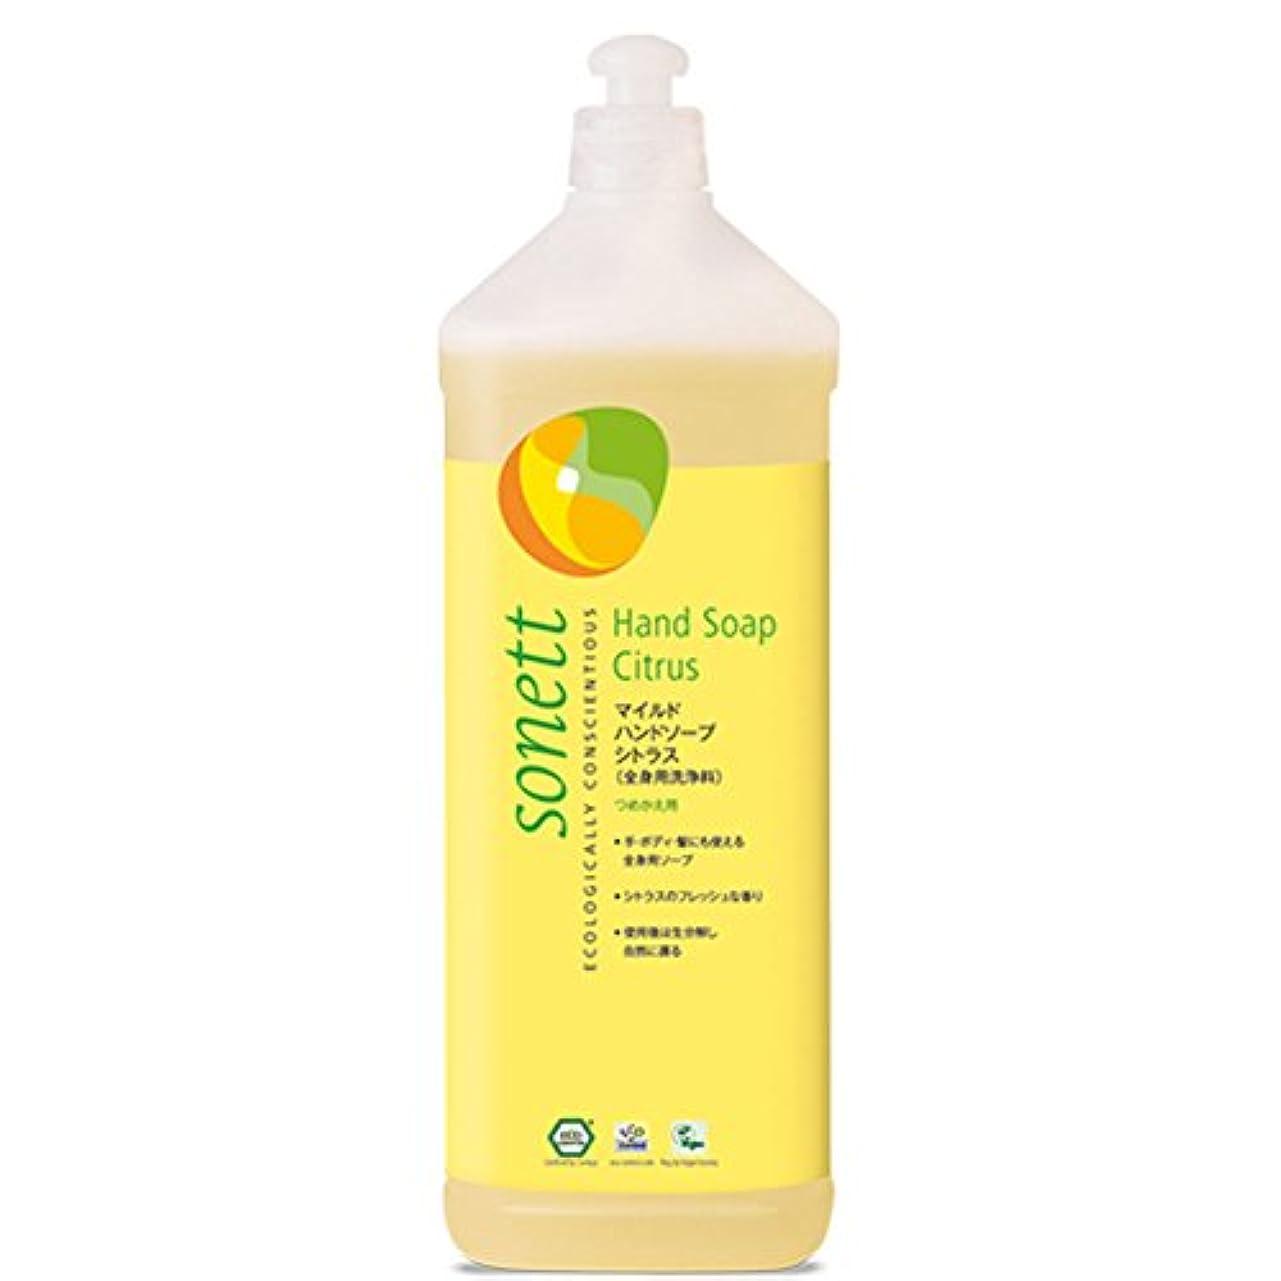 浜辺ところで衣服SONETT ( ソネット 洗剤 ) マイルドハンドソープ シトラス 1L  ( ボディー&ハンドソープ 全身 )